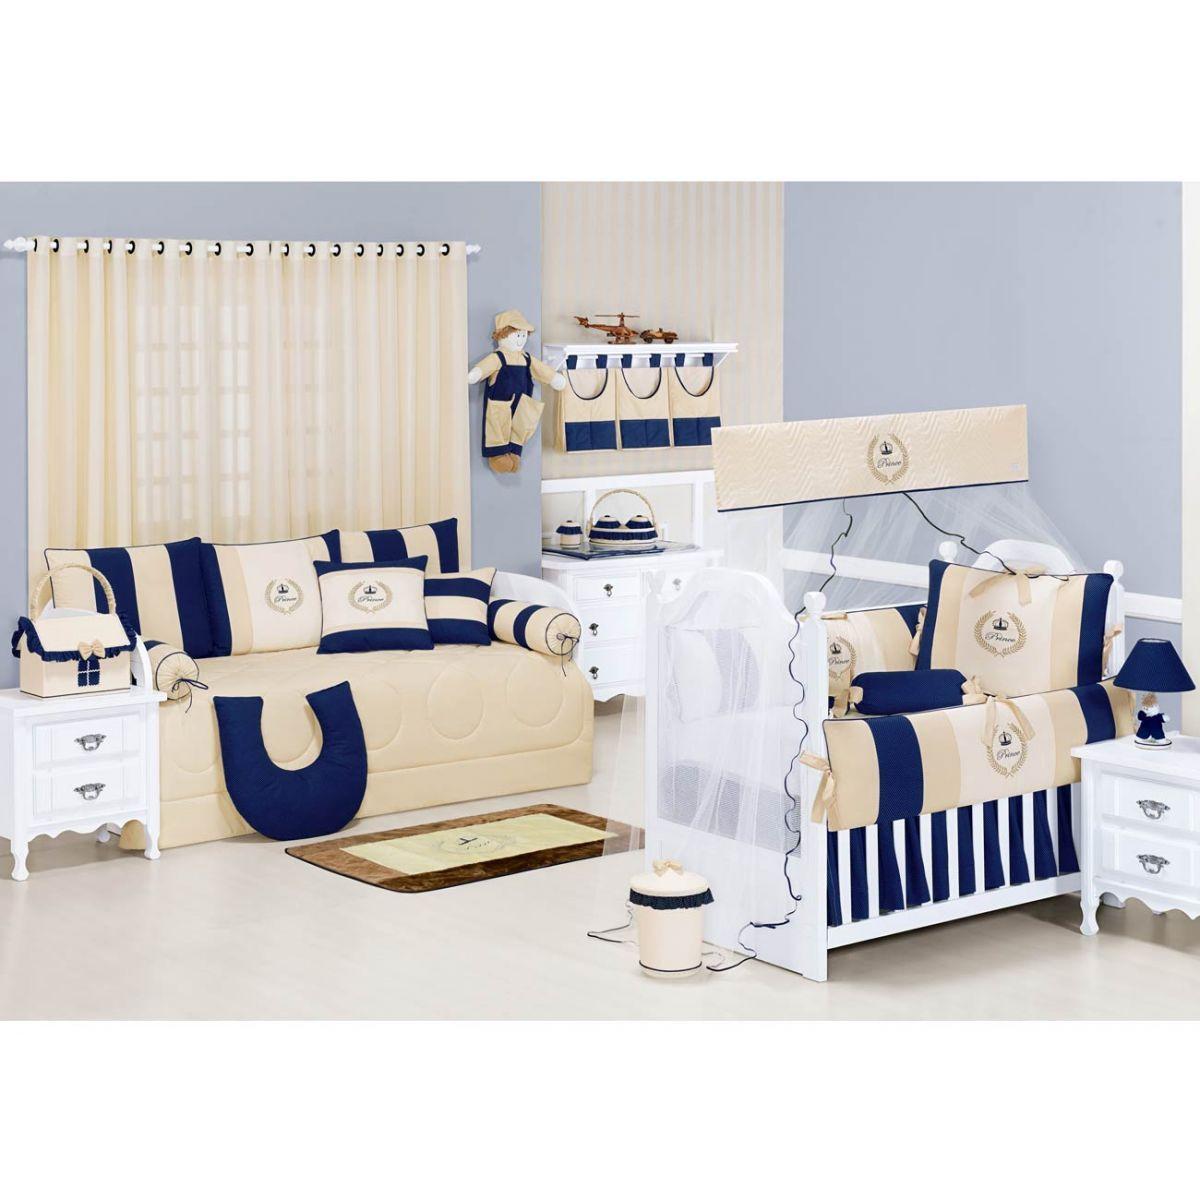 Farmacinha Enfeitada p/ Quarto de Bebê - Coleção My Prince Marinho